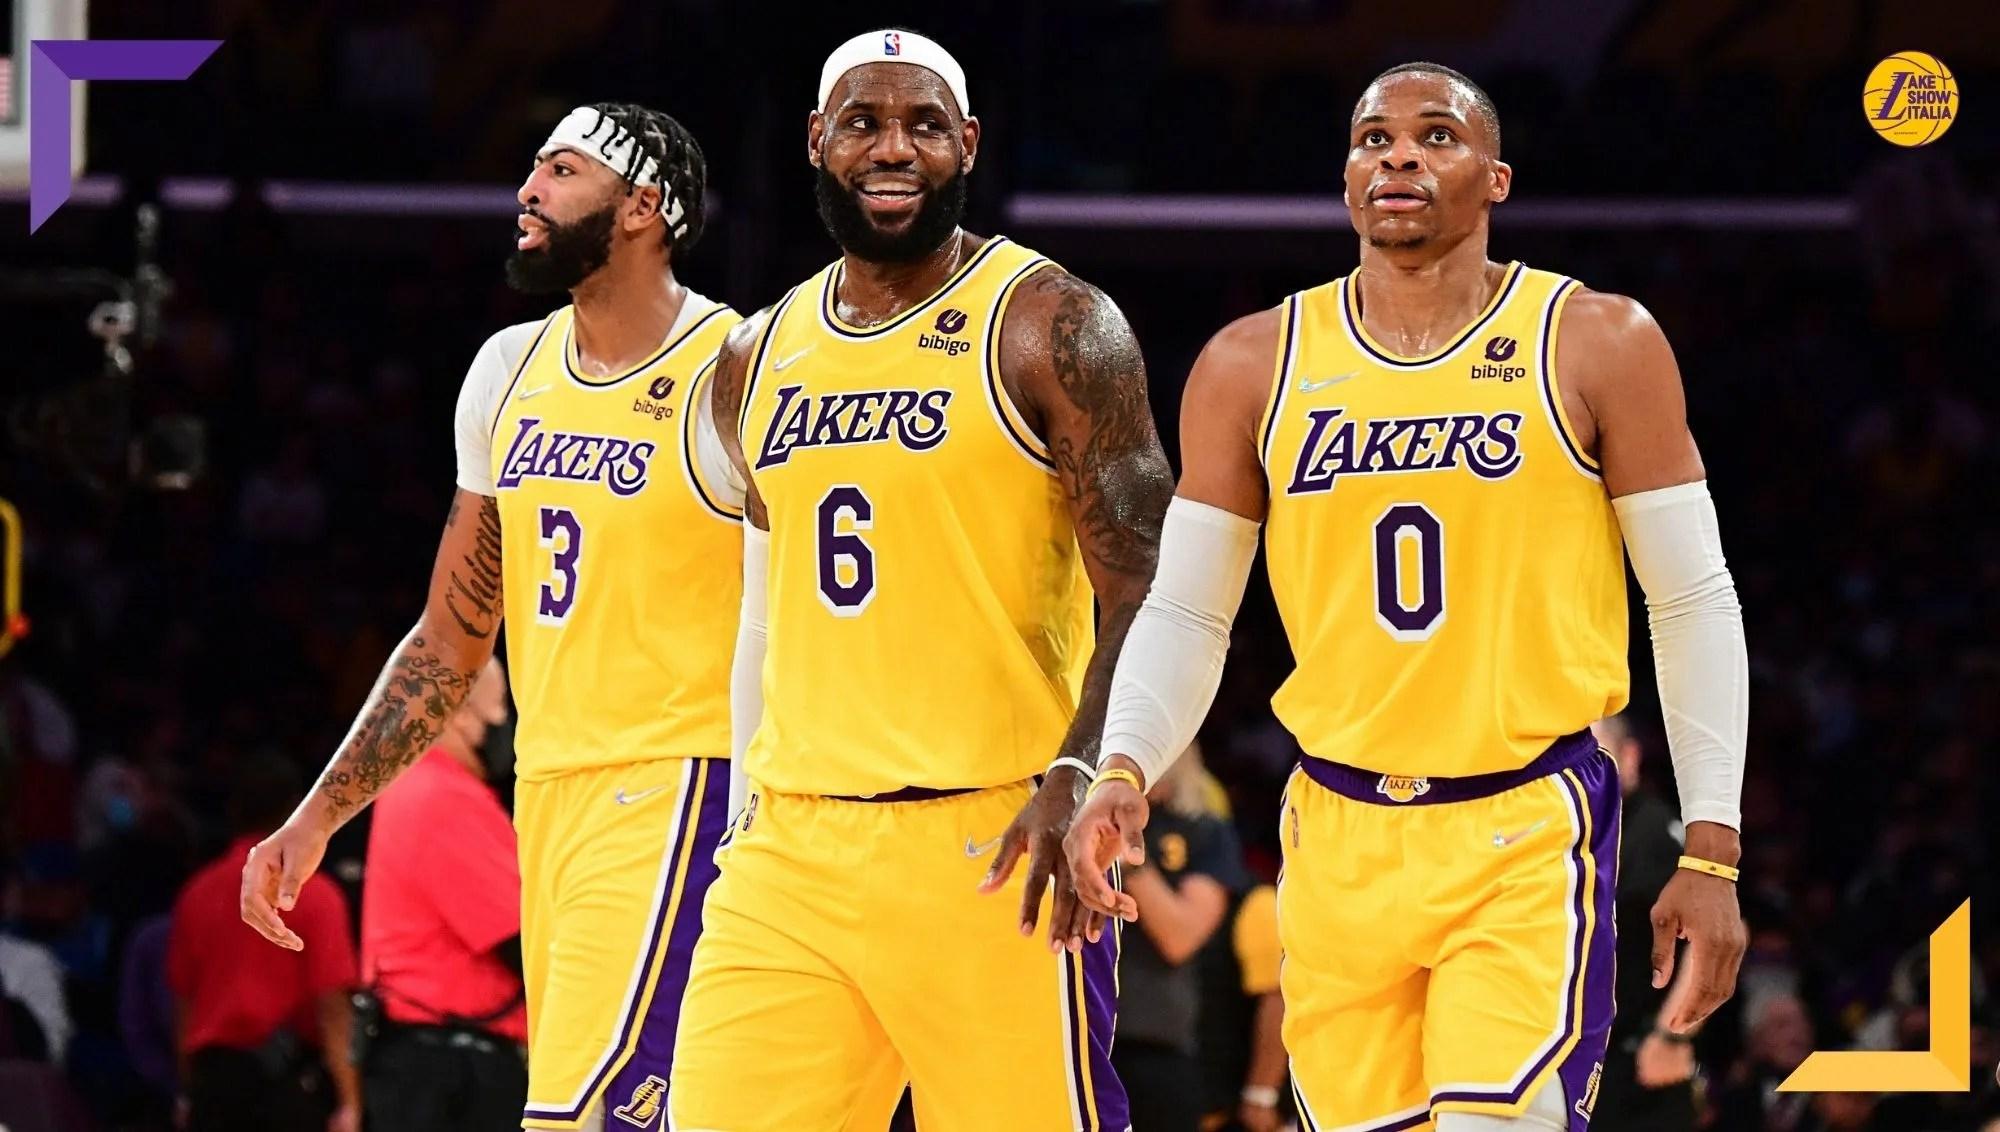 James, Davis e Westbrook per la prima volta insieme. Ma il risultato non cambia, Lakers ancora battuti da Golden State senza Curry e Green.